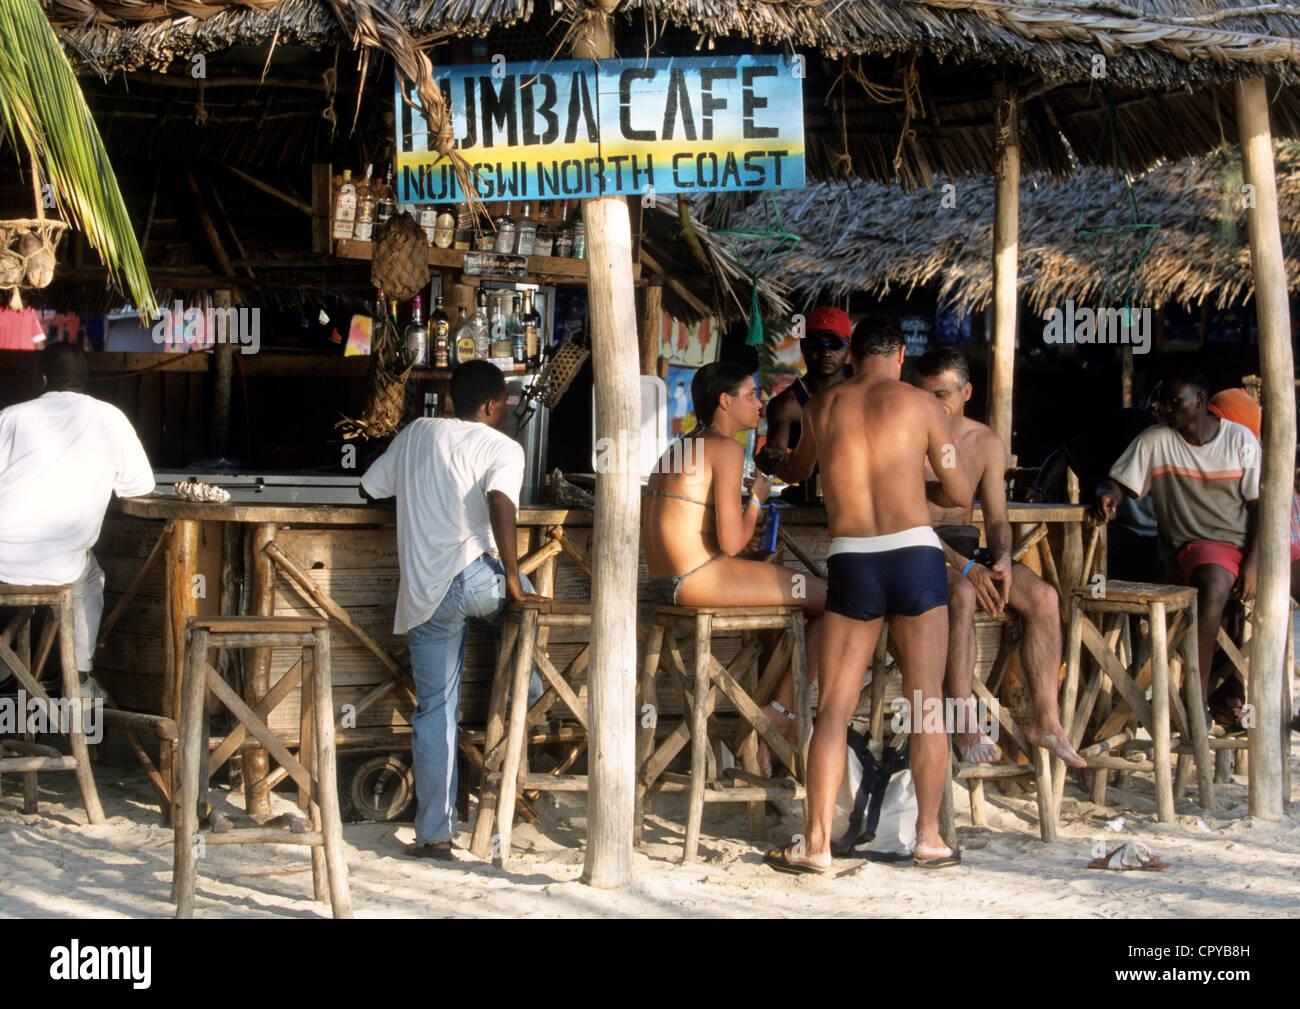 Tanzania, Zanzibar Archipelago, Unguja island (Zanzibar), Nungwi, cafe on the beach - Stock Image